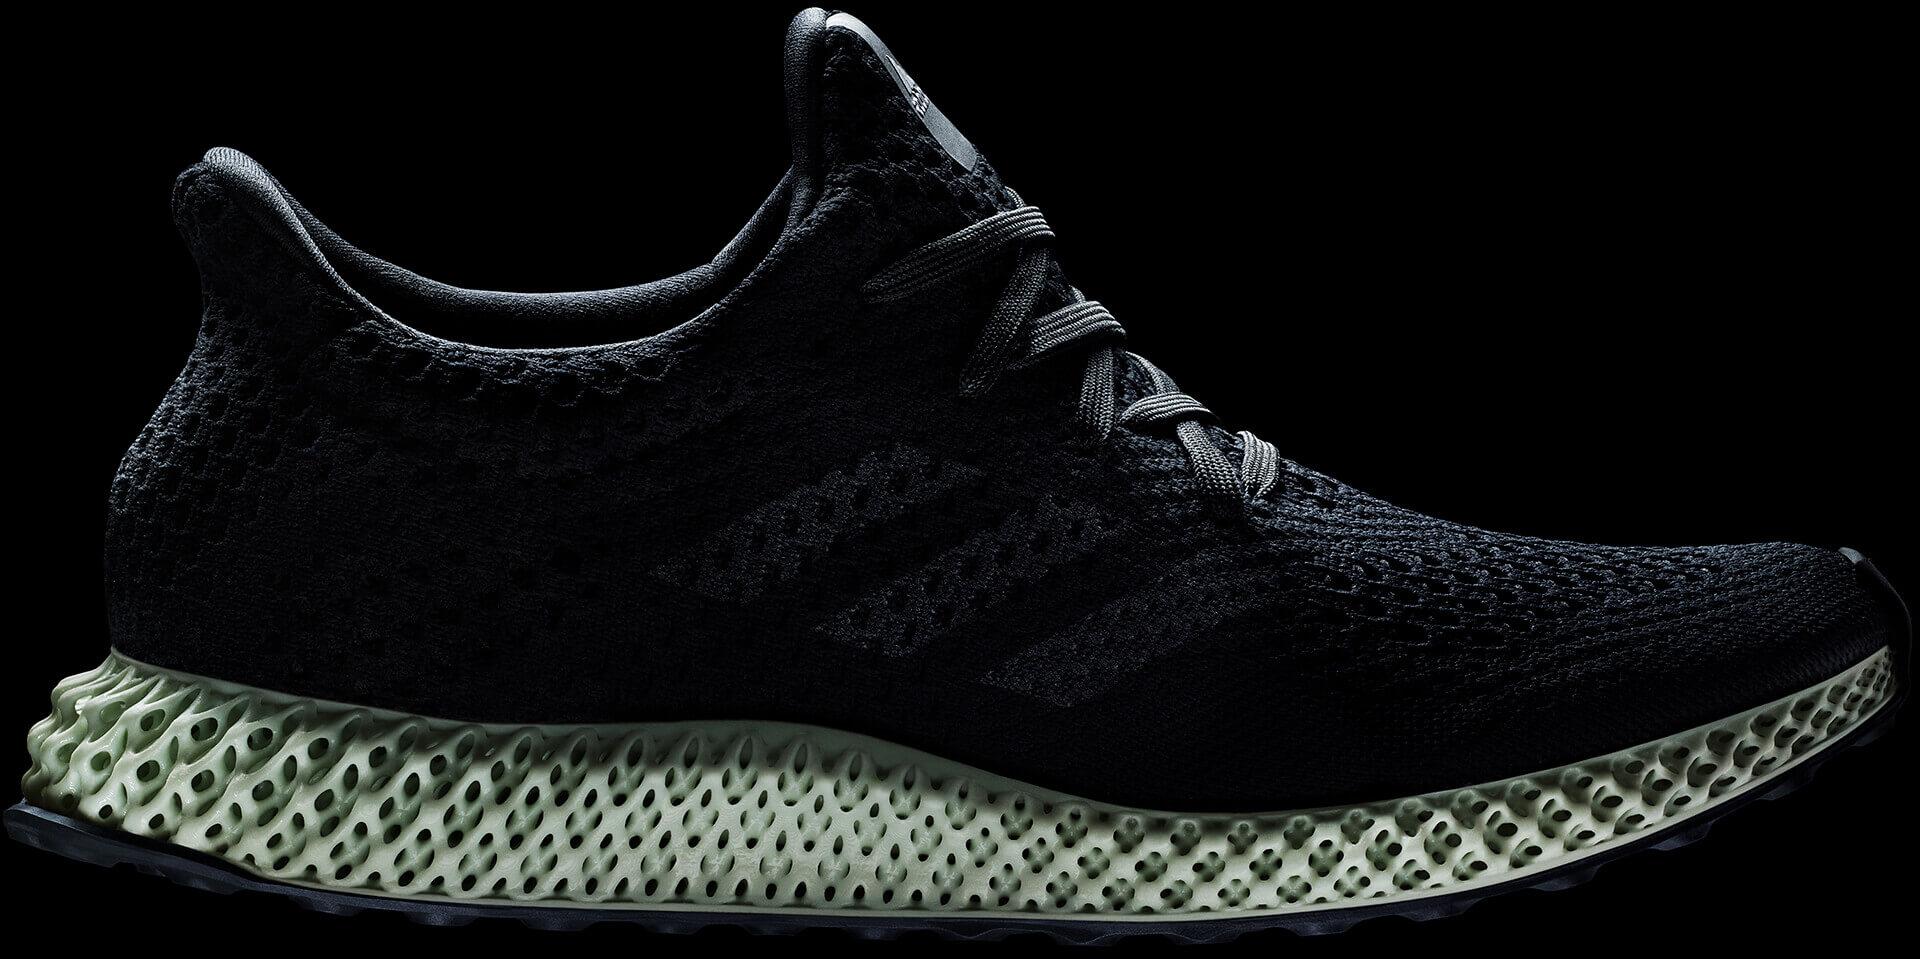 Adidas installiert 50 3D Drucker von Carbon